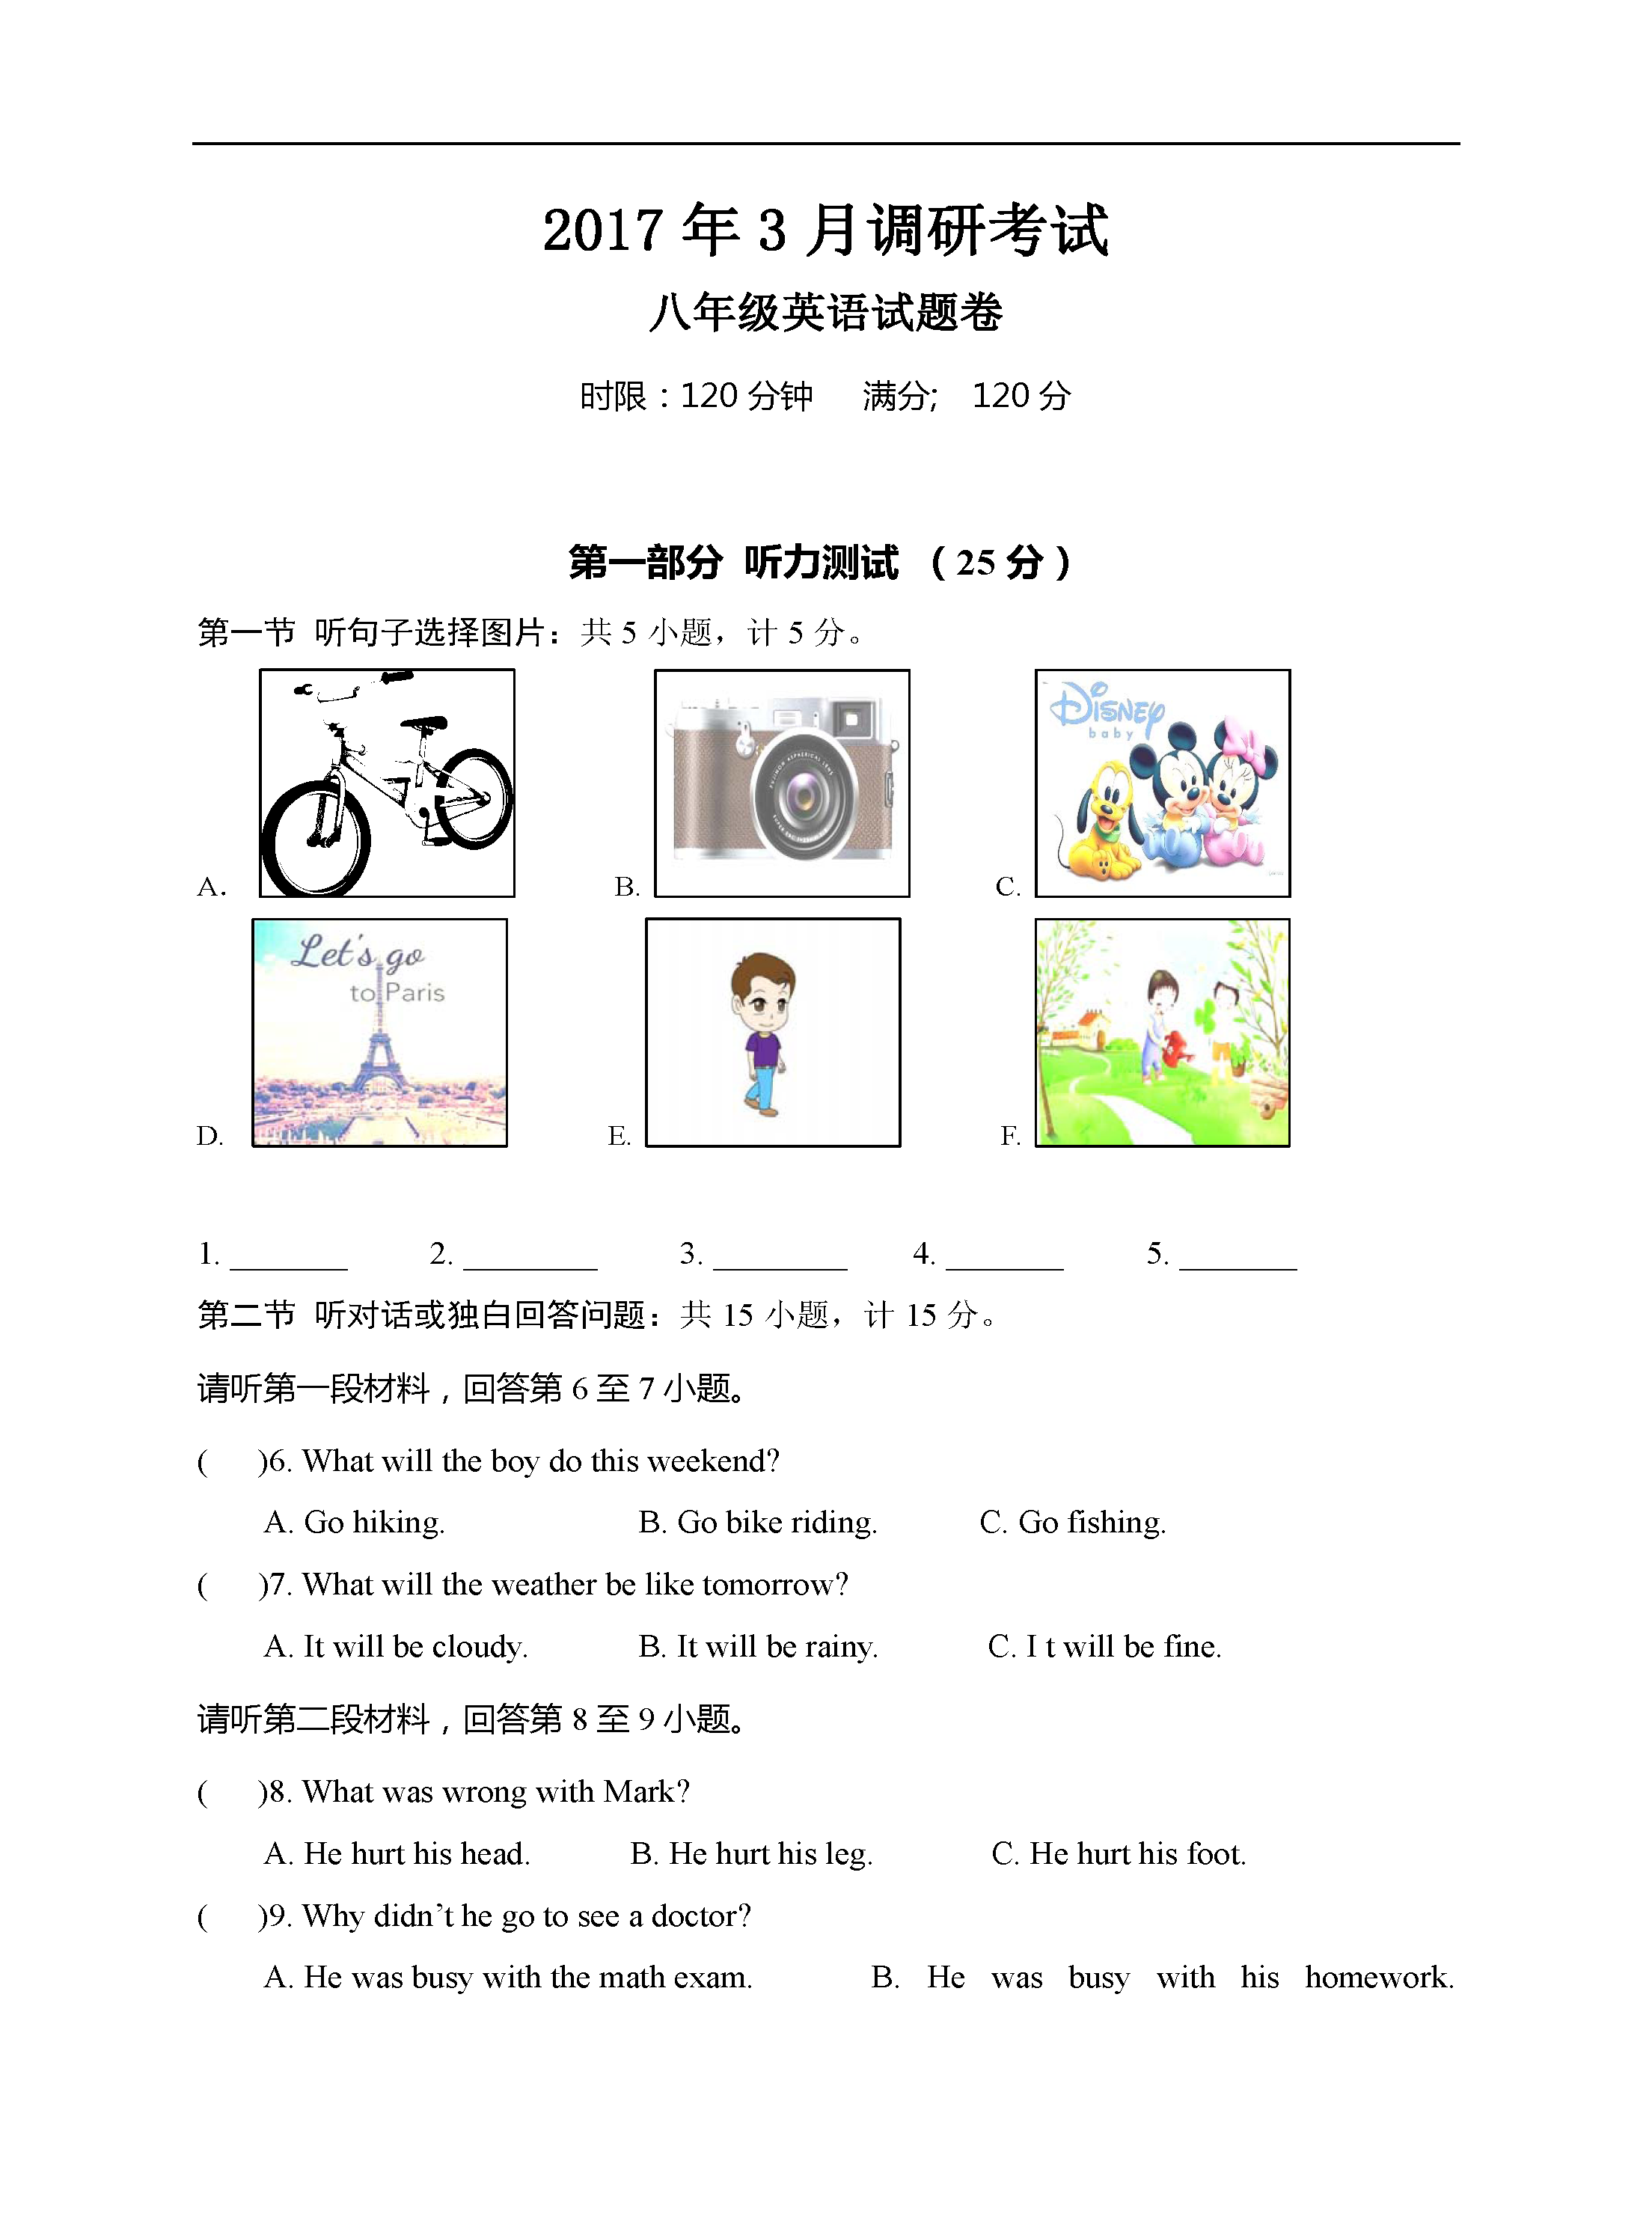 湖北枝江2016-2017八年级3月调研考试英语试题(Word版)